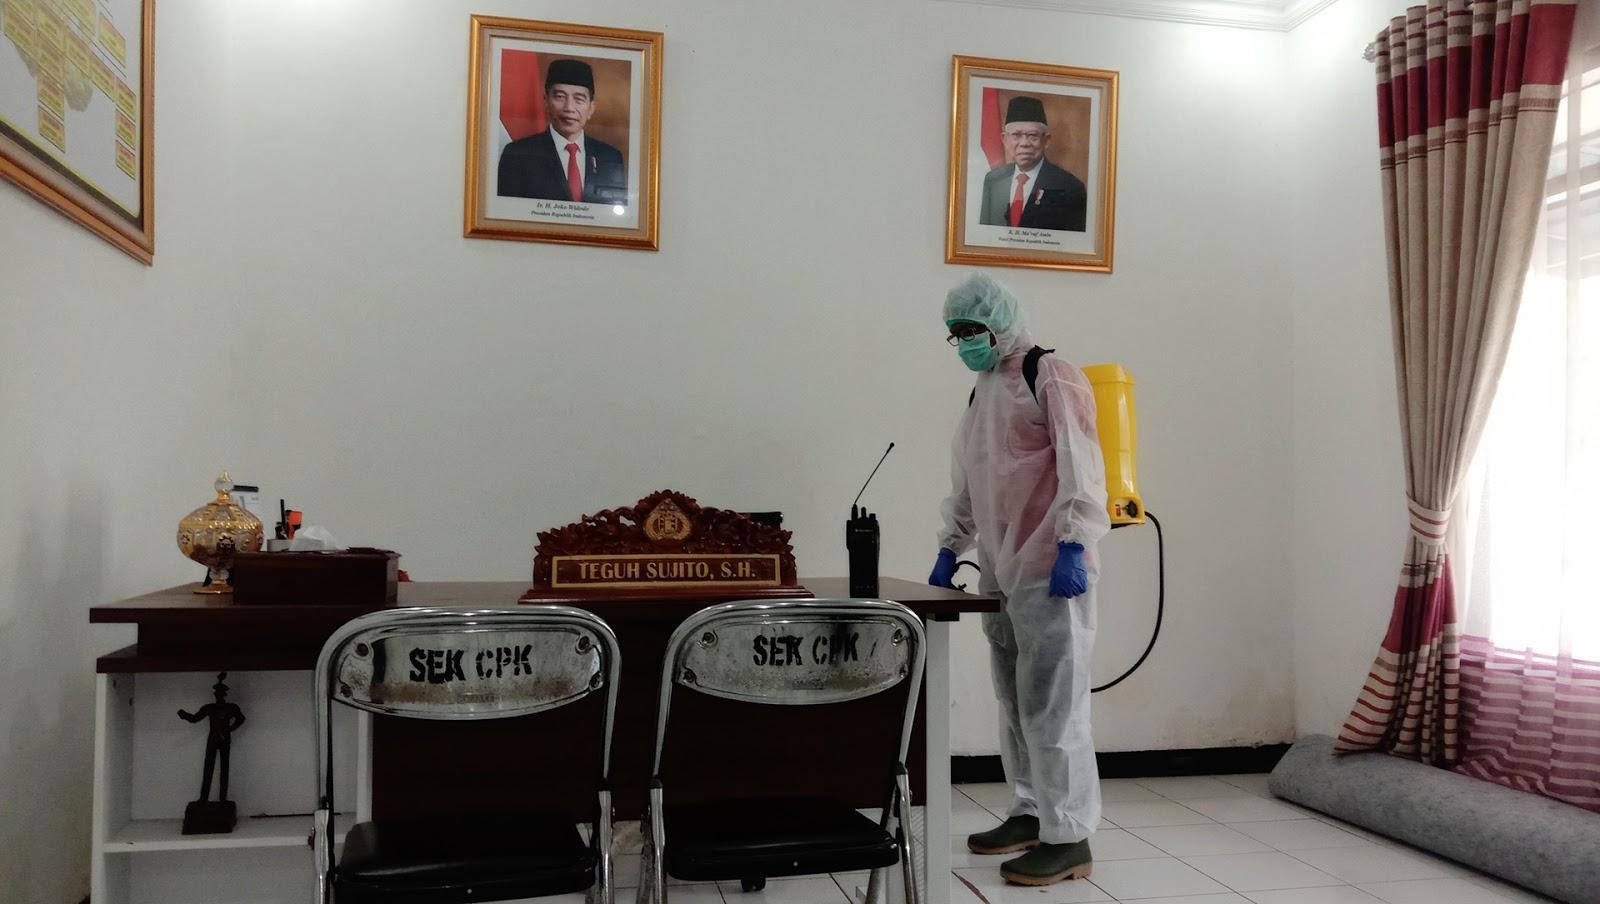 Polsek Campaka Polres Purwakarta Lakukan Penyemprotan Desinfektan di Setiap Ruangan